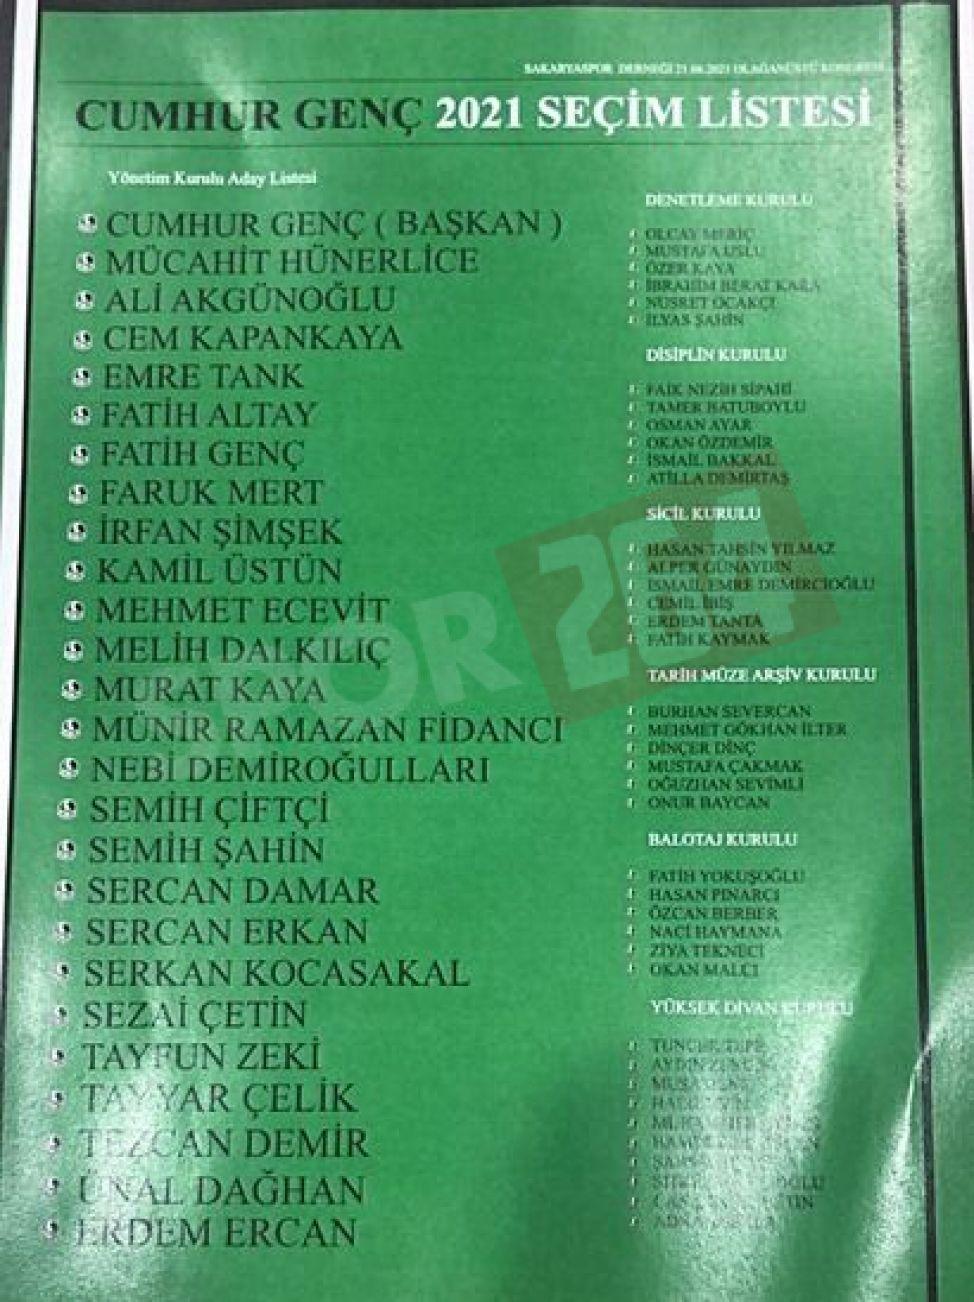 İşte Cumhur Genç'in yönetim listesi